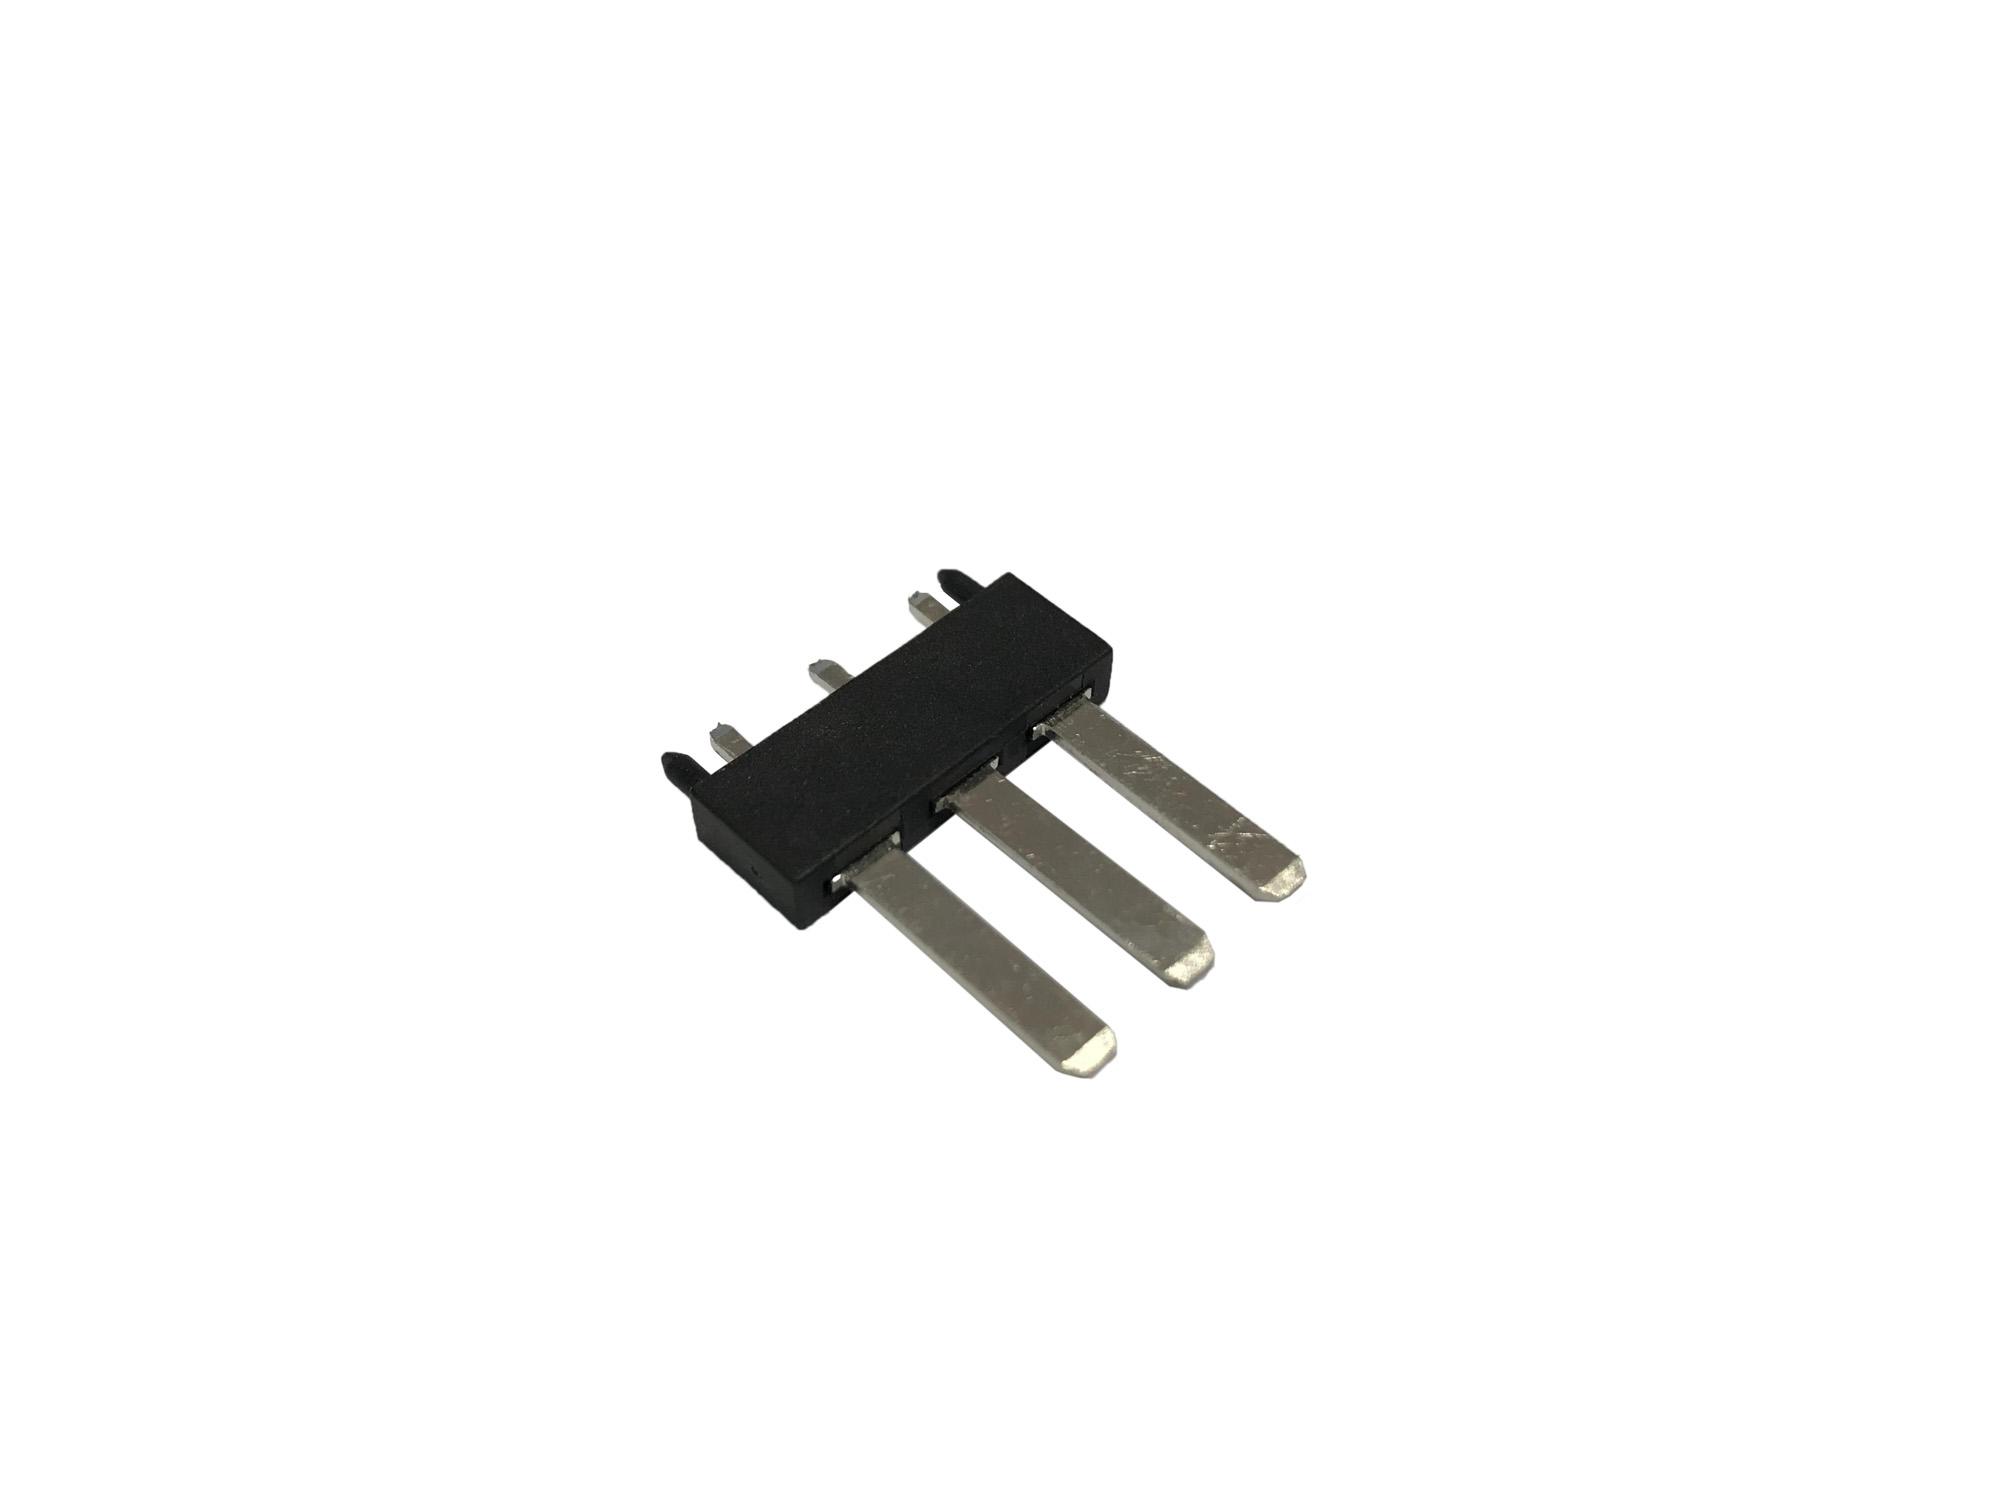 QJ571 3芯插座